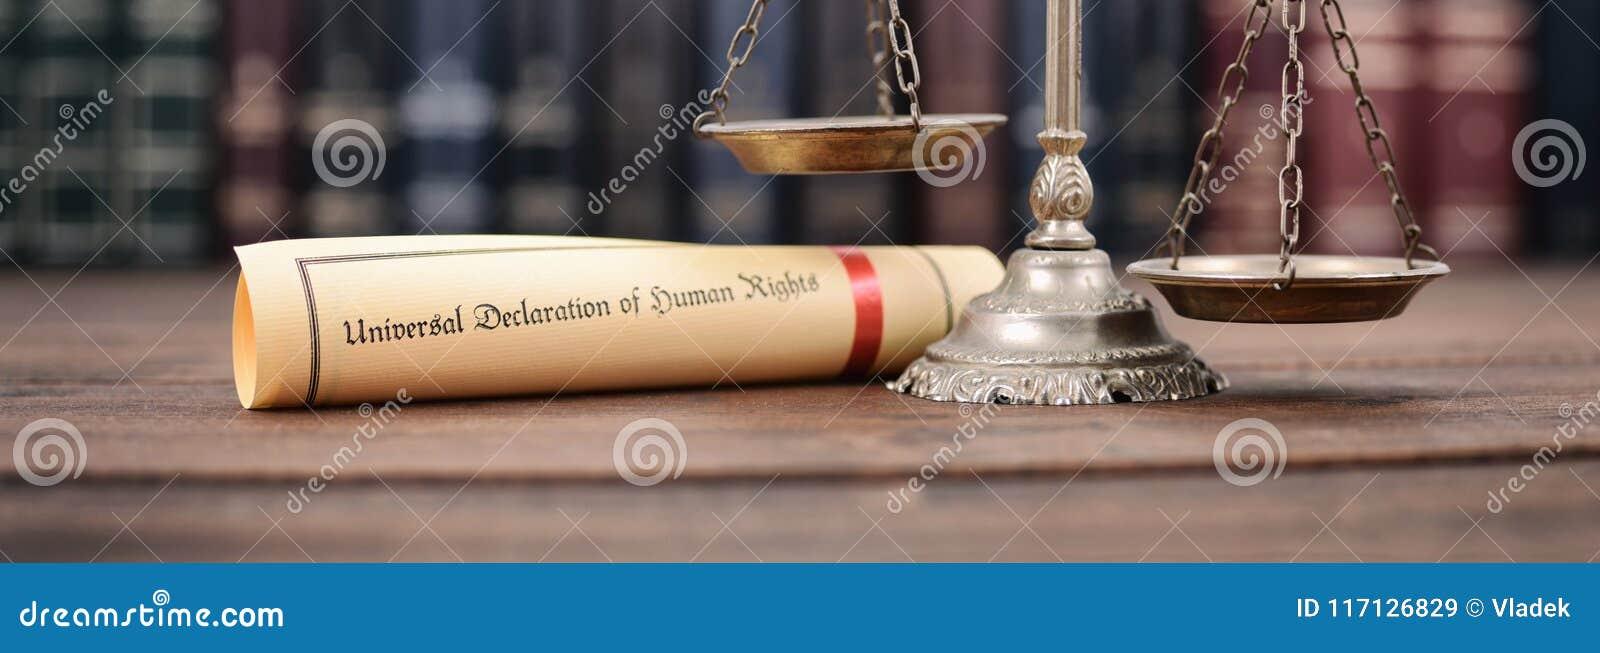 Schalen van Rechtvaardigheid, Universele verklaring van rechten van de mens